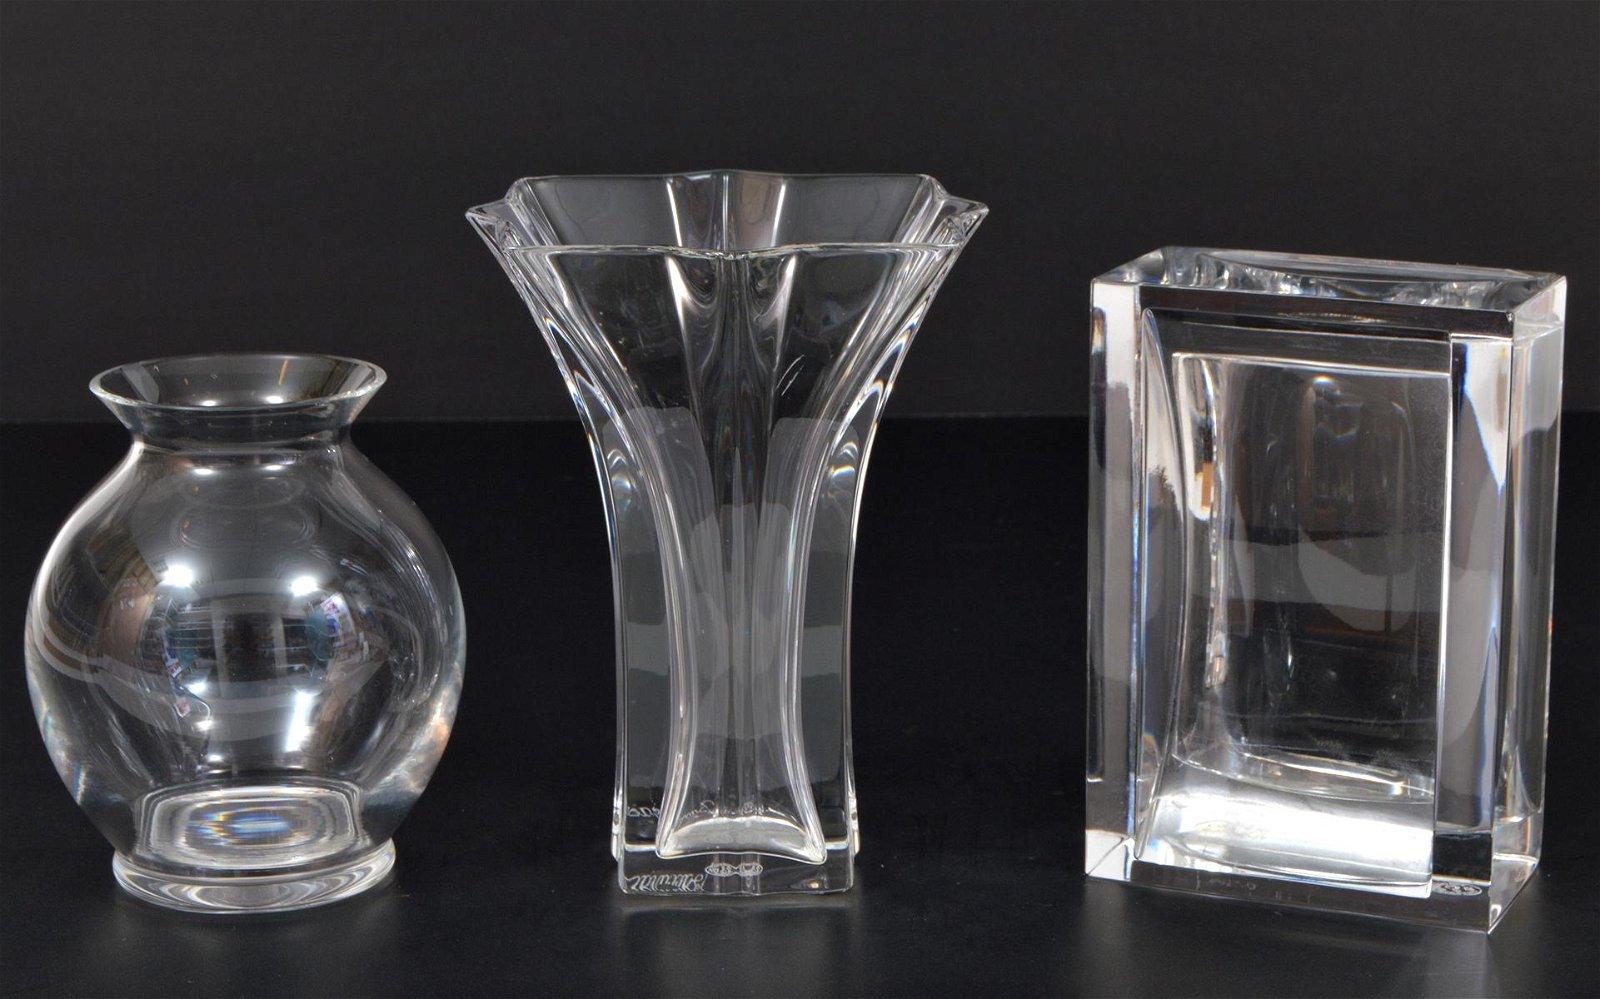 3 Pcs. Baccarat Crystal Vases & Cigarette Holder